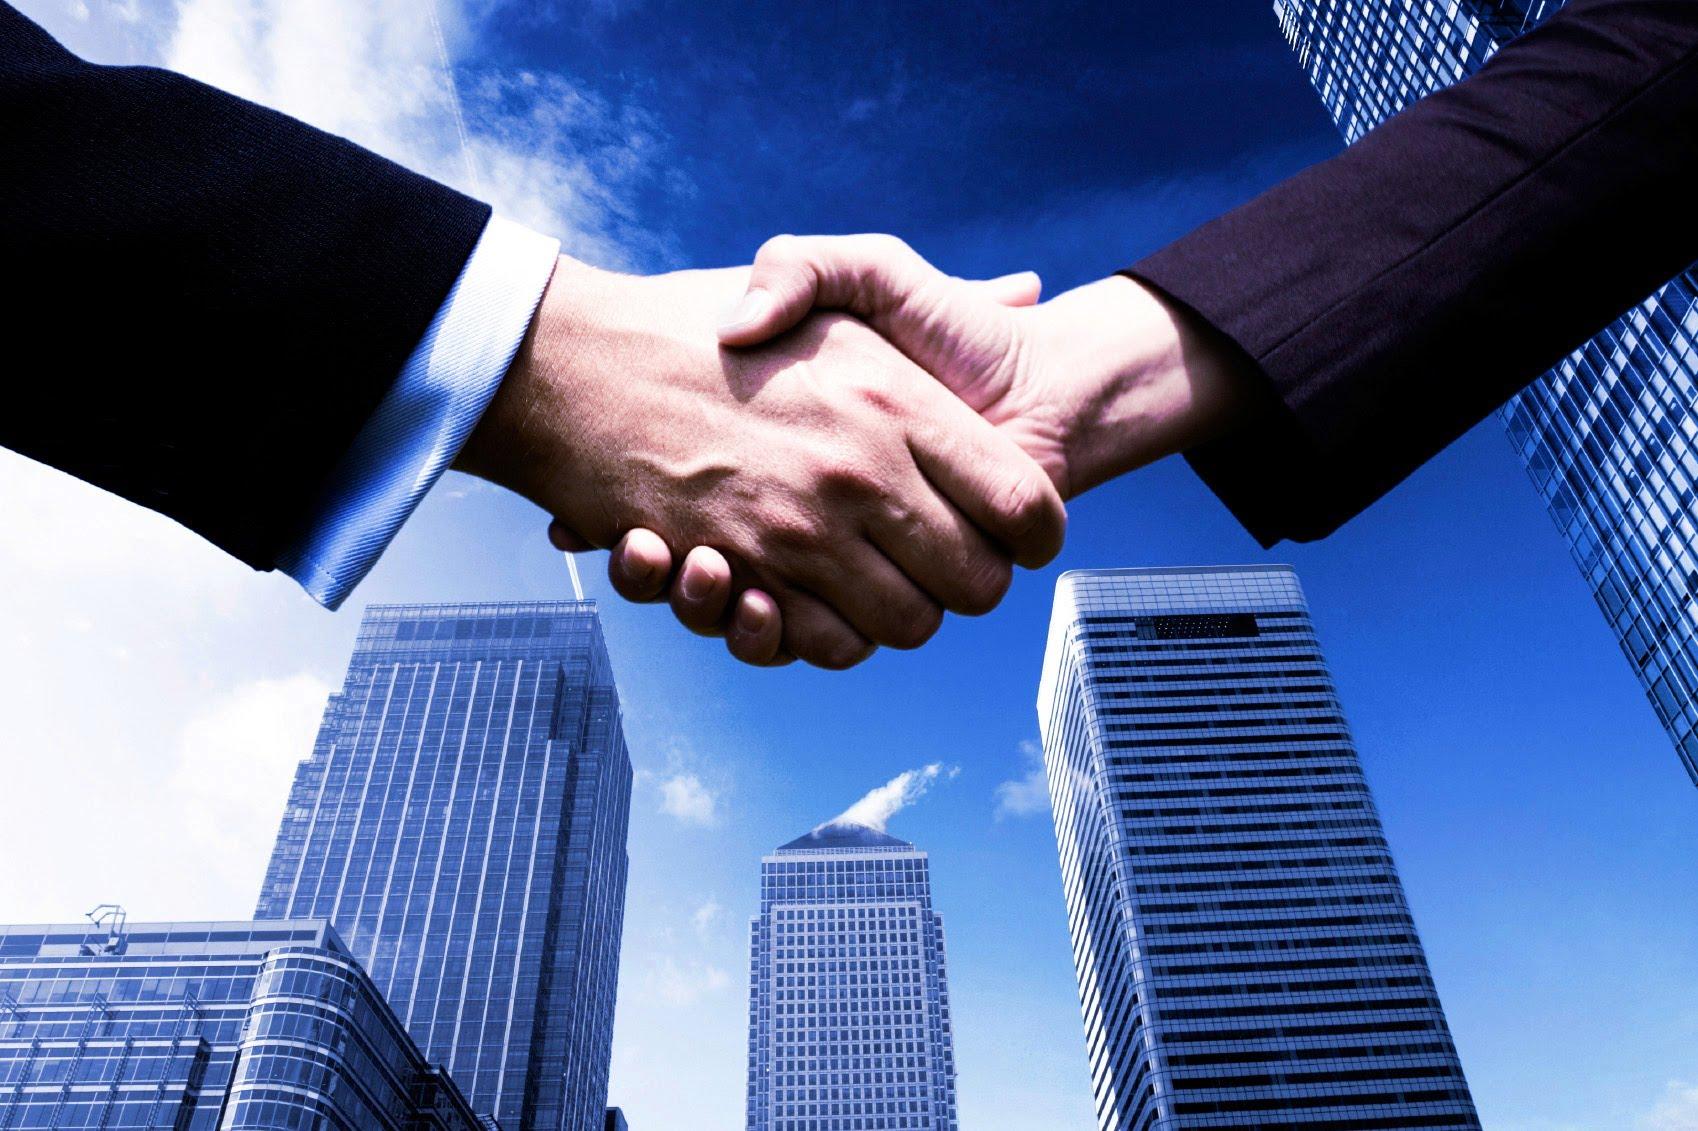 Более 1000 кв. м производственных площадей могут достаться столичным бизнесменам совершенно бесплатно